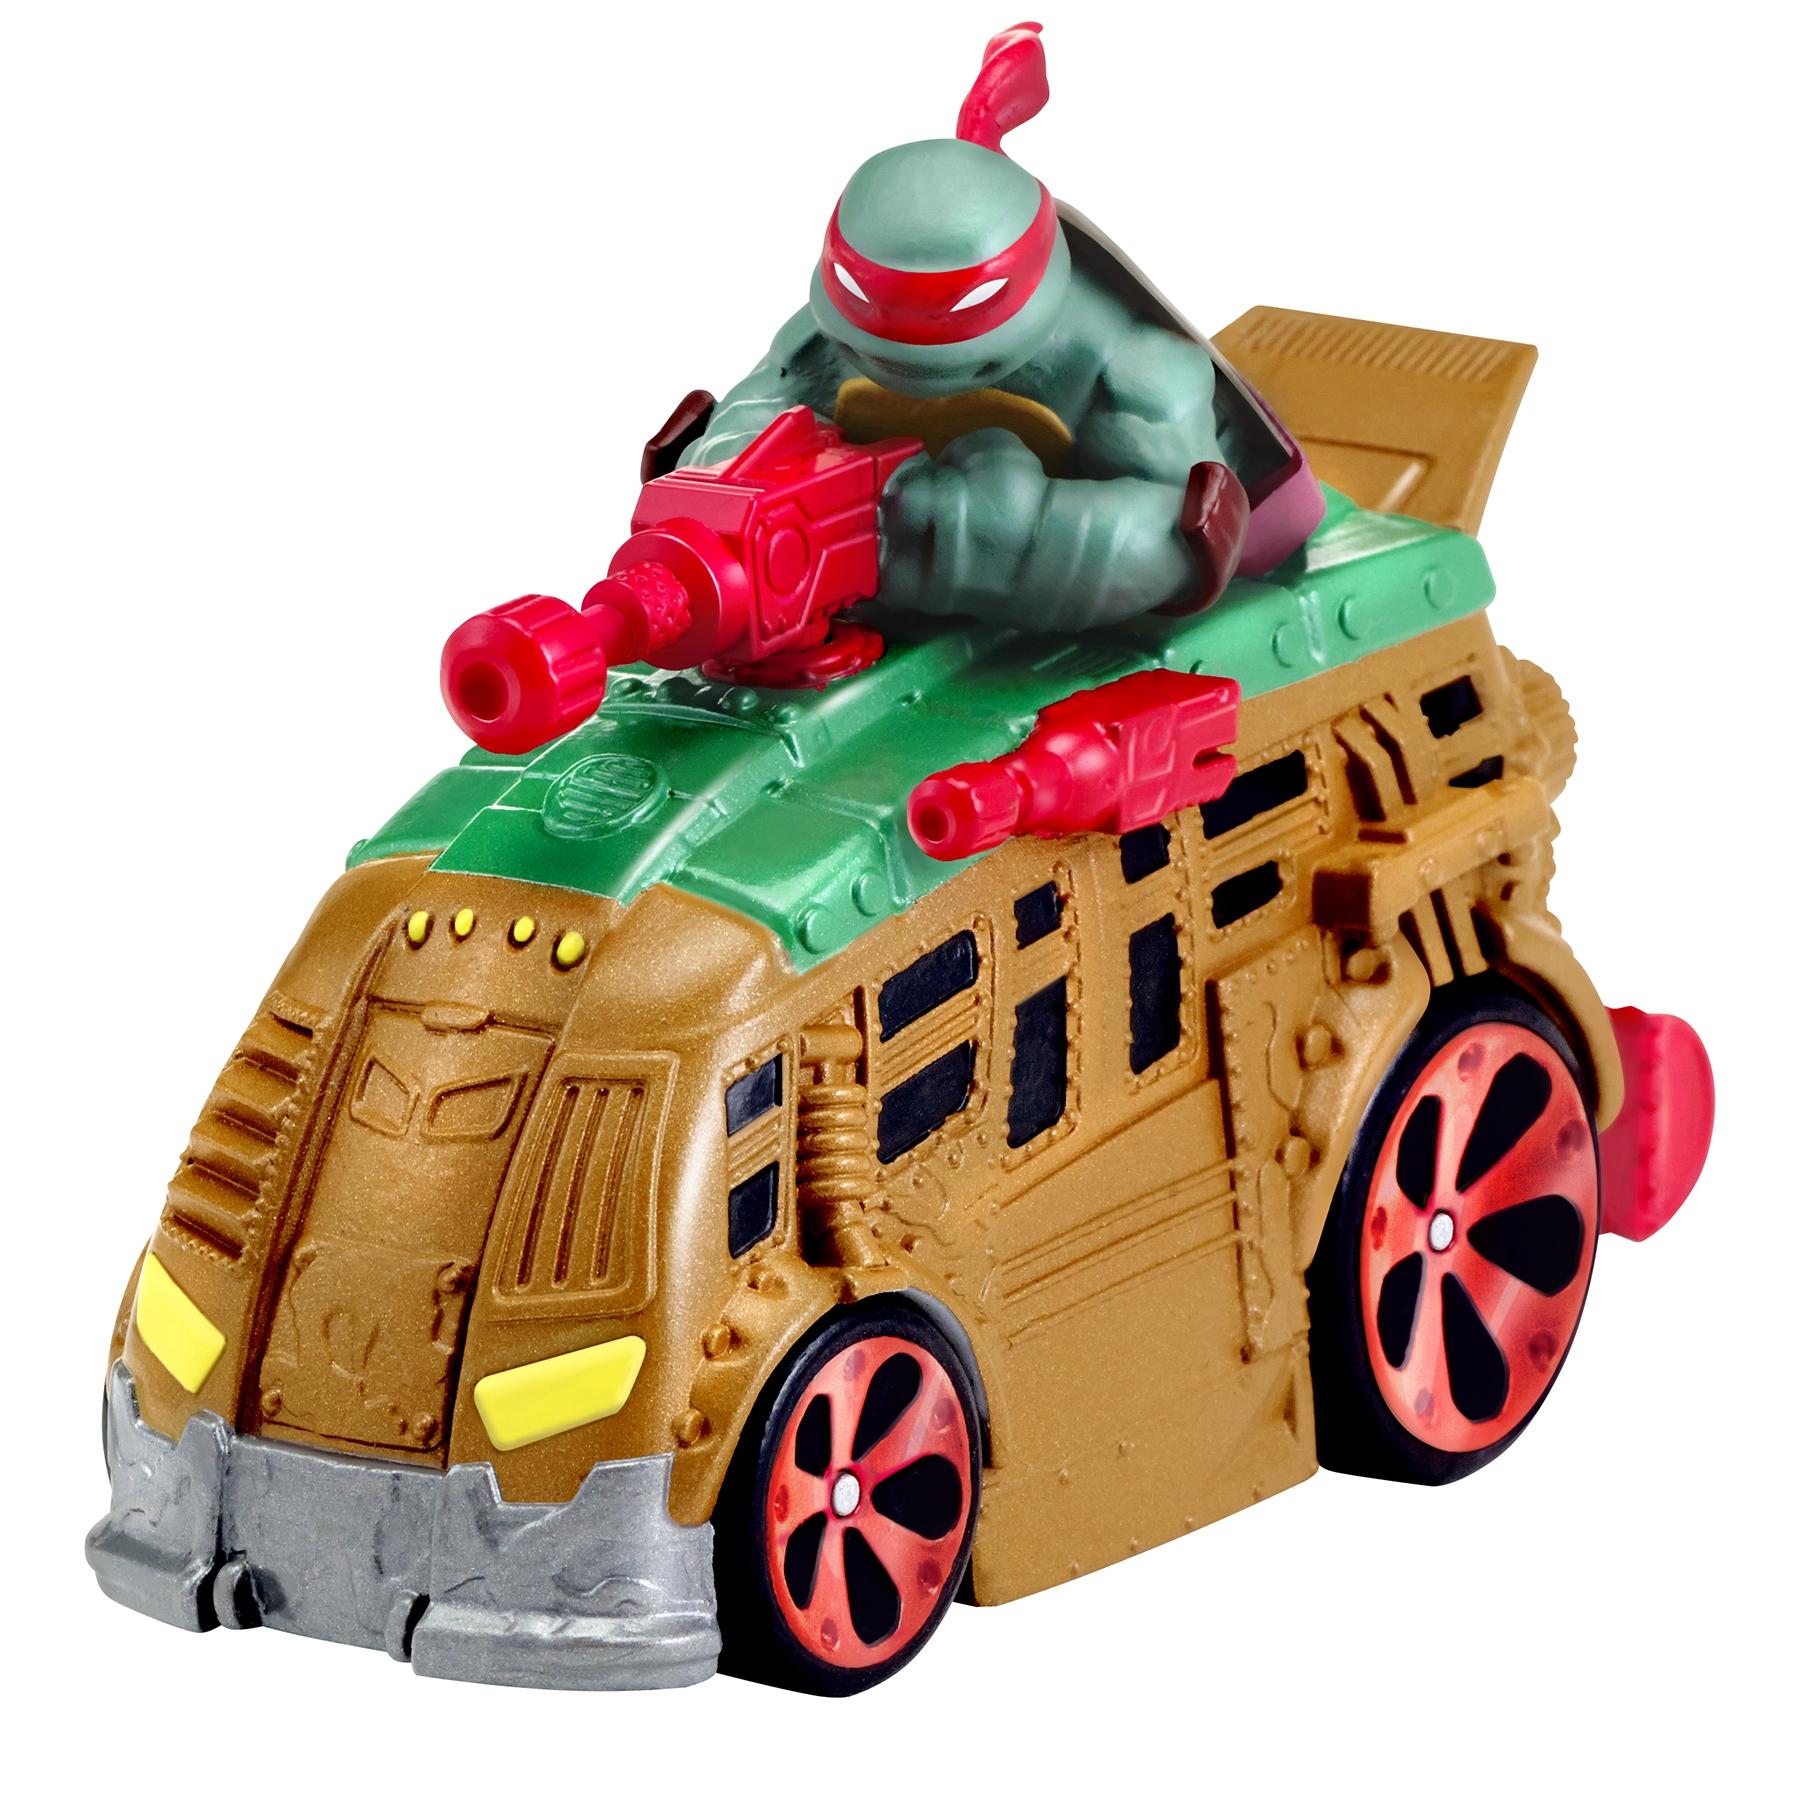 Черепашки Ниндзя Черепашки Ниндзя Машинка Ninja Turtles 7 см в ассортименте игровые фигурки turtles машинка черепашки ниндзя 7 см сплинтер на атаке сенсея